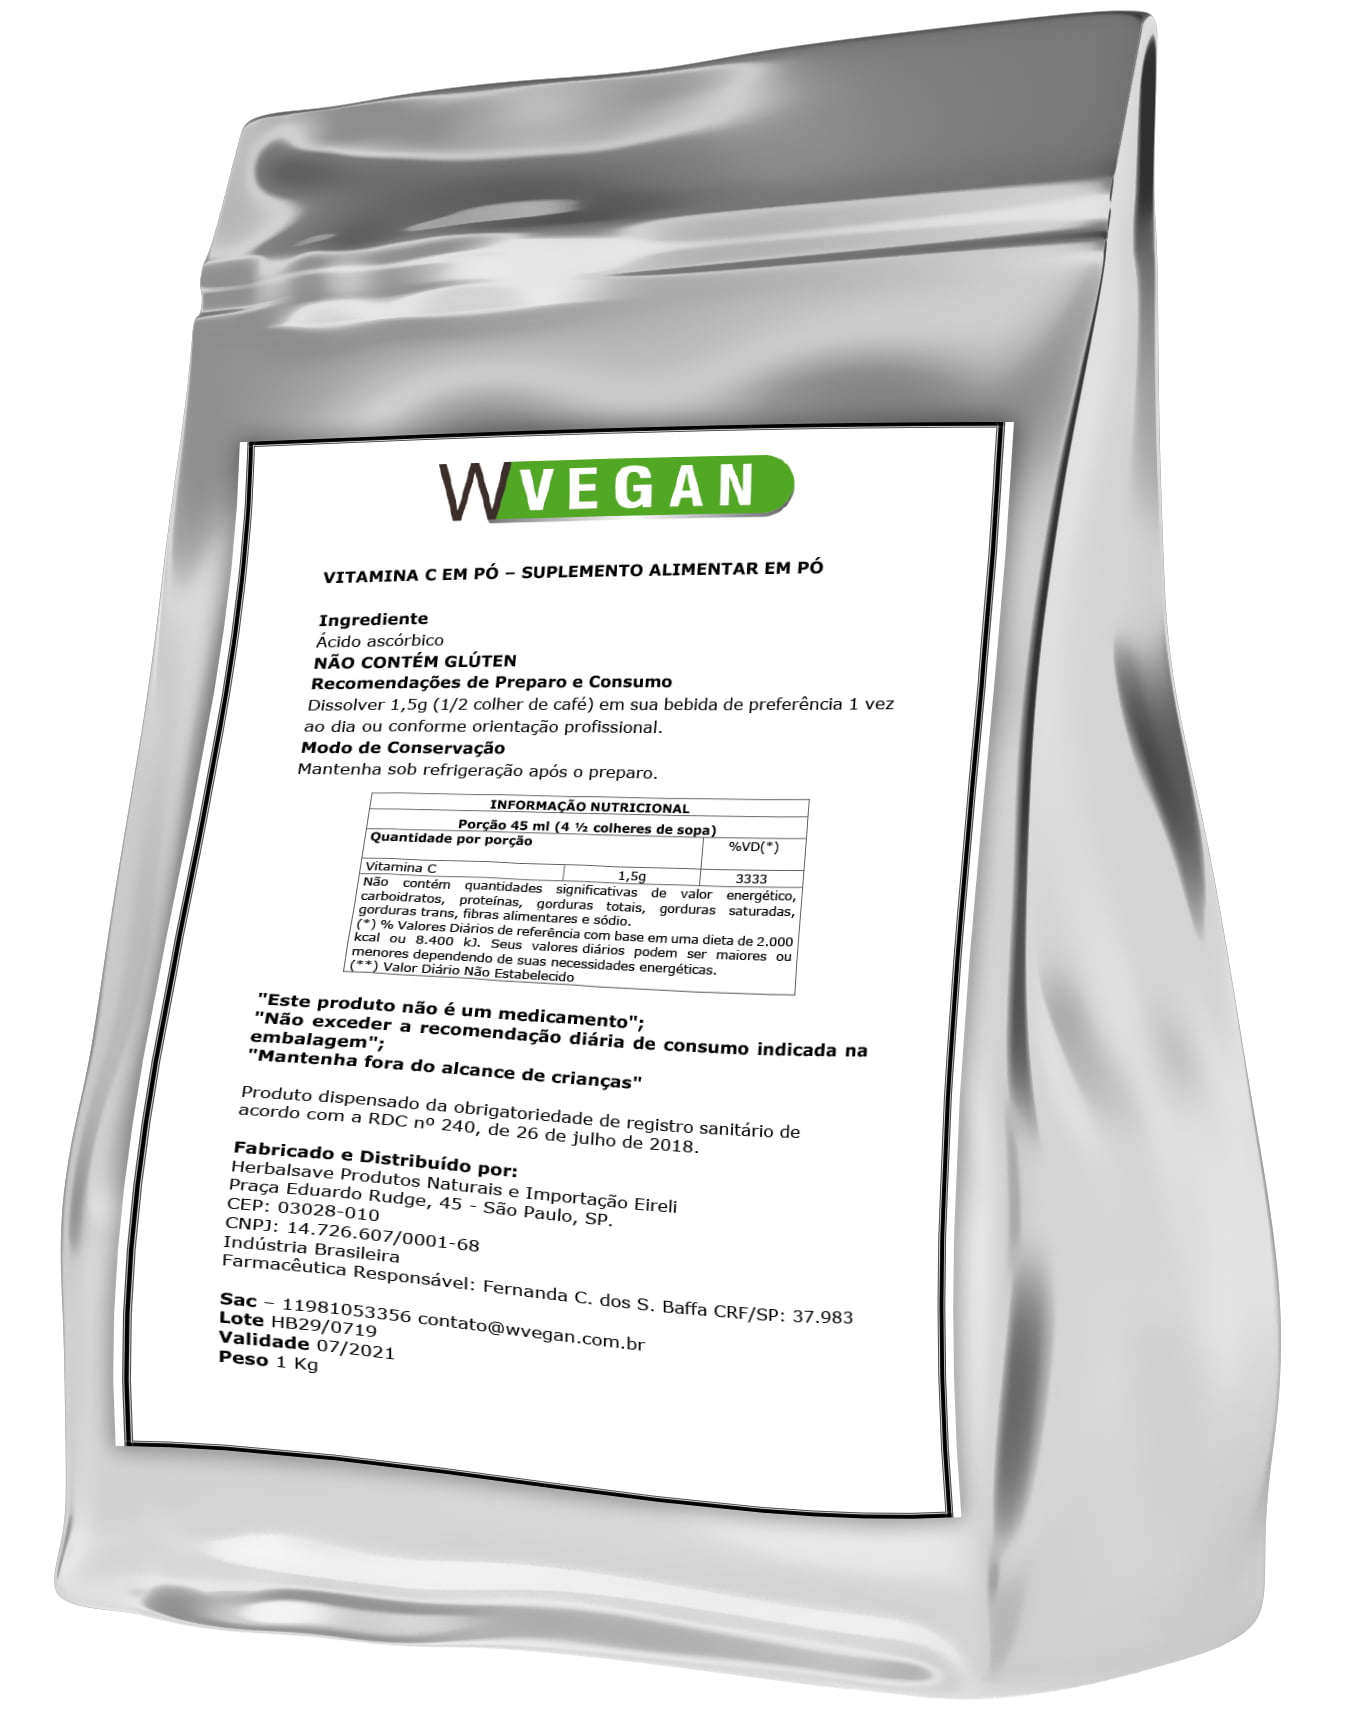 Vitamina C Ácido Ascórbico 1Kg 1 Kilo Quilo Embalagem Refil WVegan